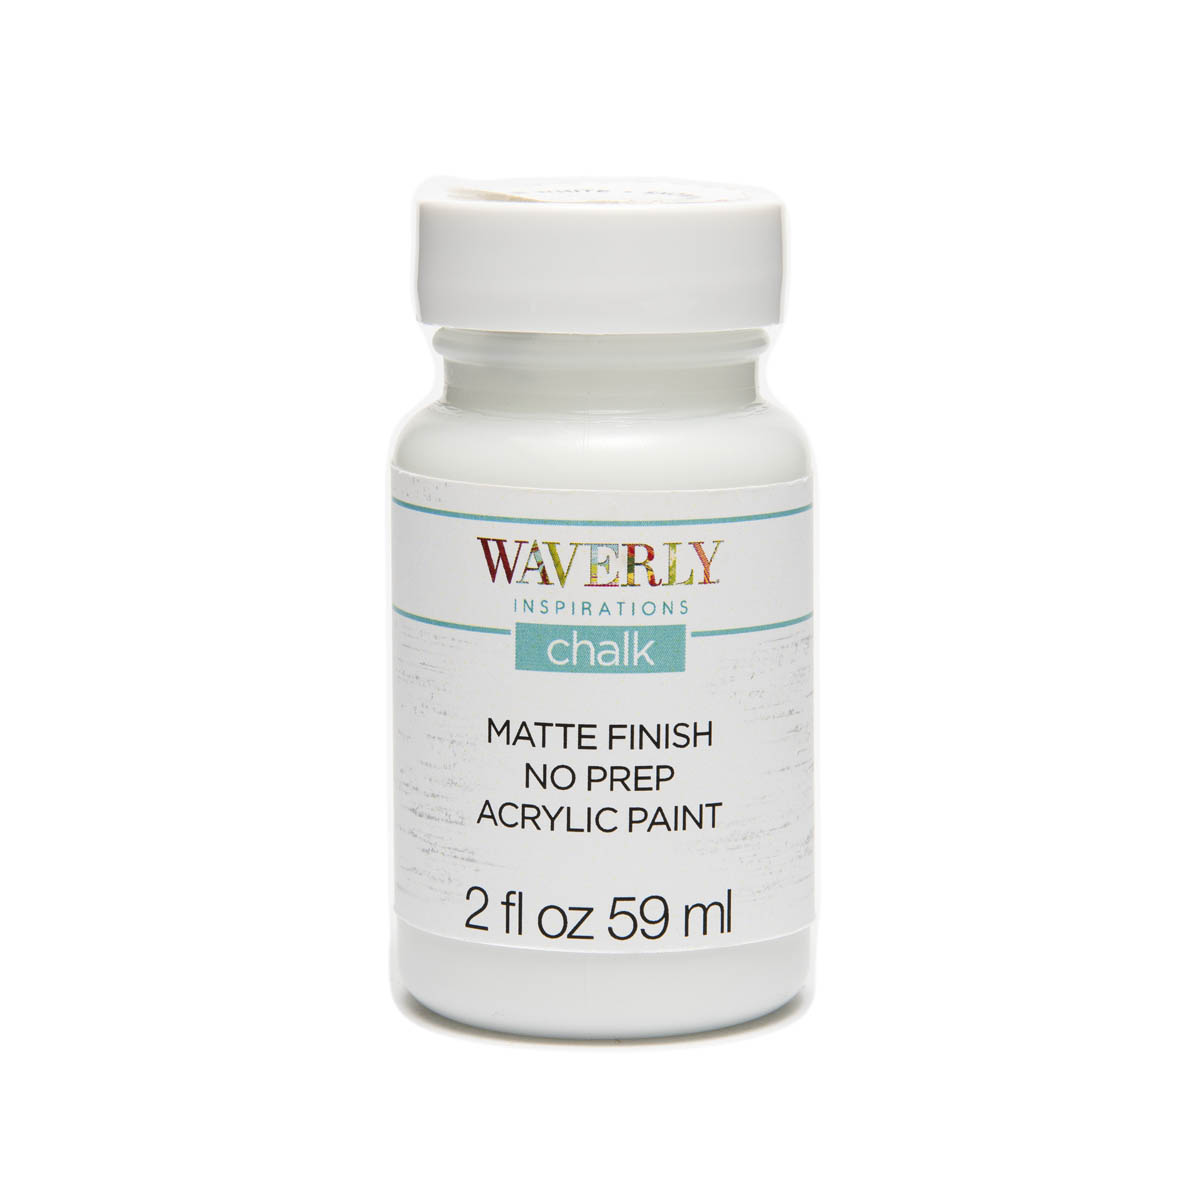 Waverly ® Inspirations Chalk Finish Acrylic Paint - White, 2 oz. - 60736E